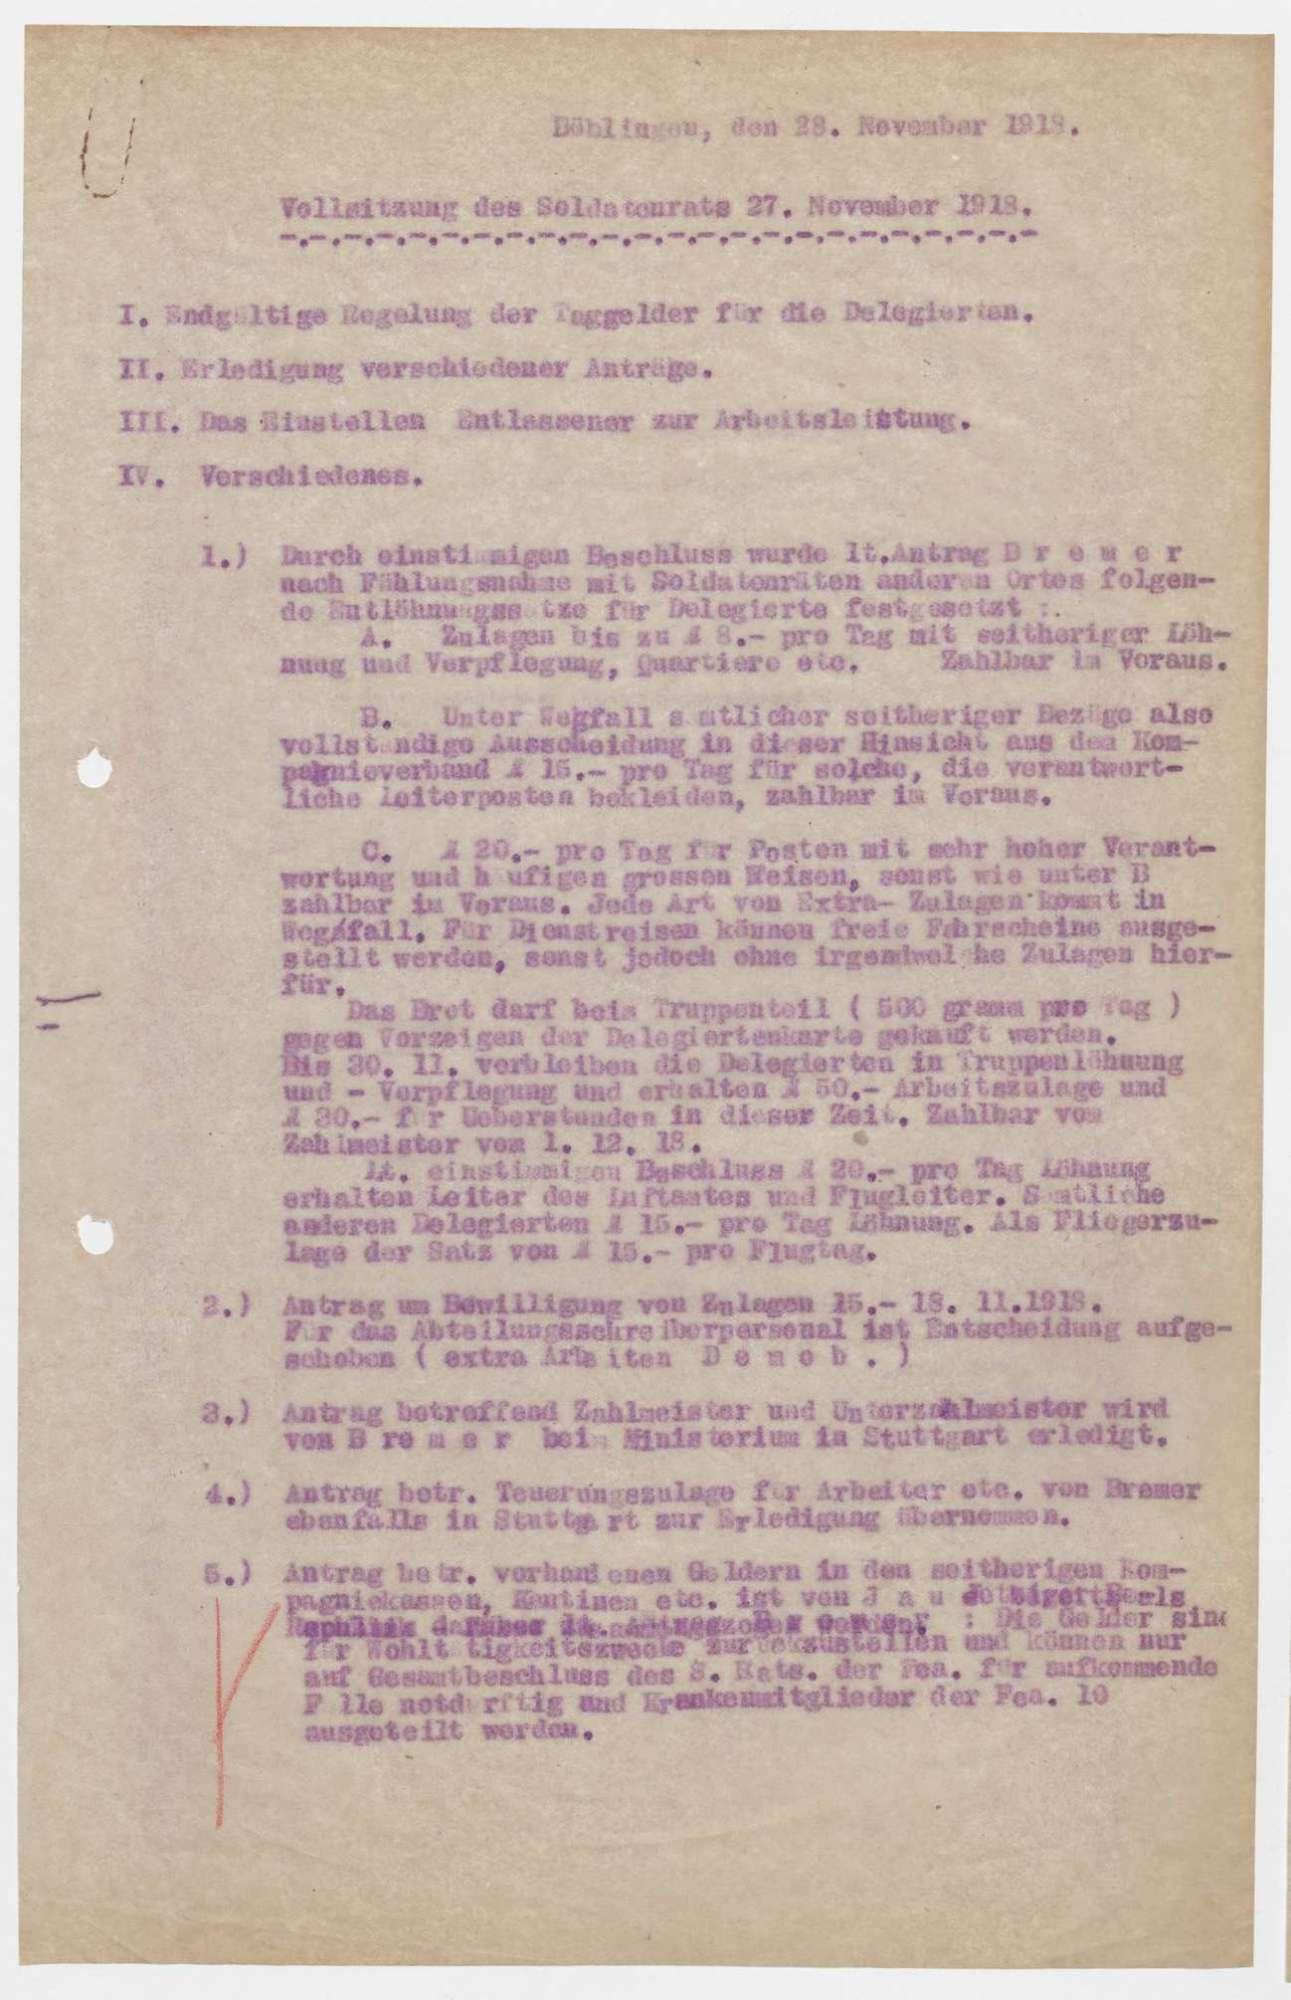 Sitzungsberichte des Soldatenrats der Flieger-Ersatz-Abteilung 10, Bild 2